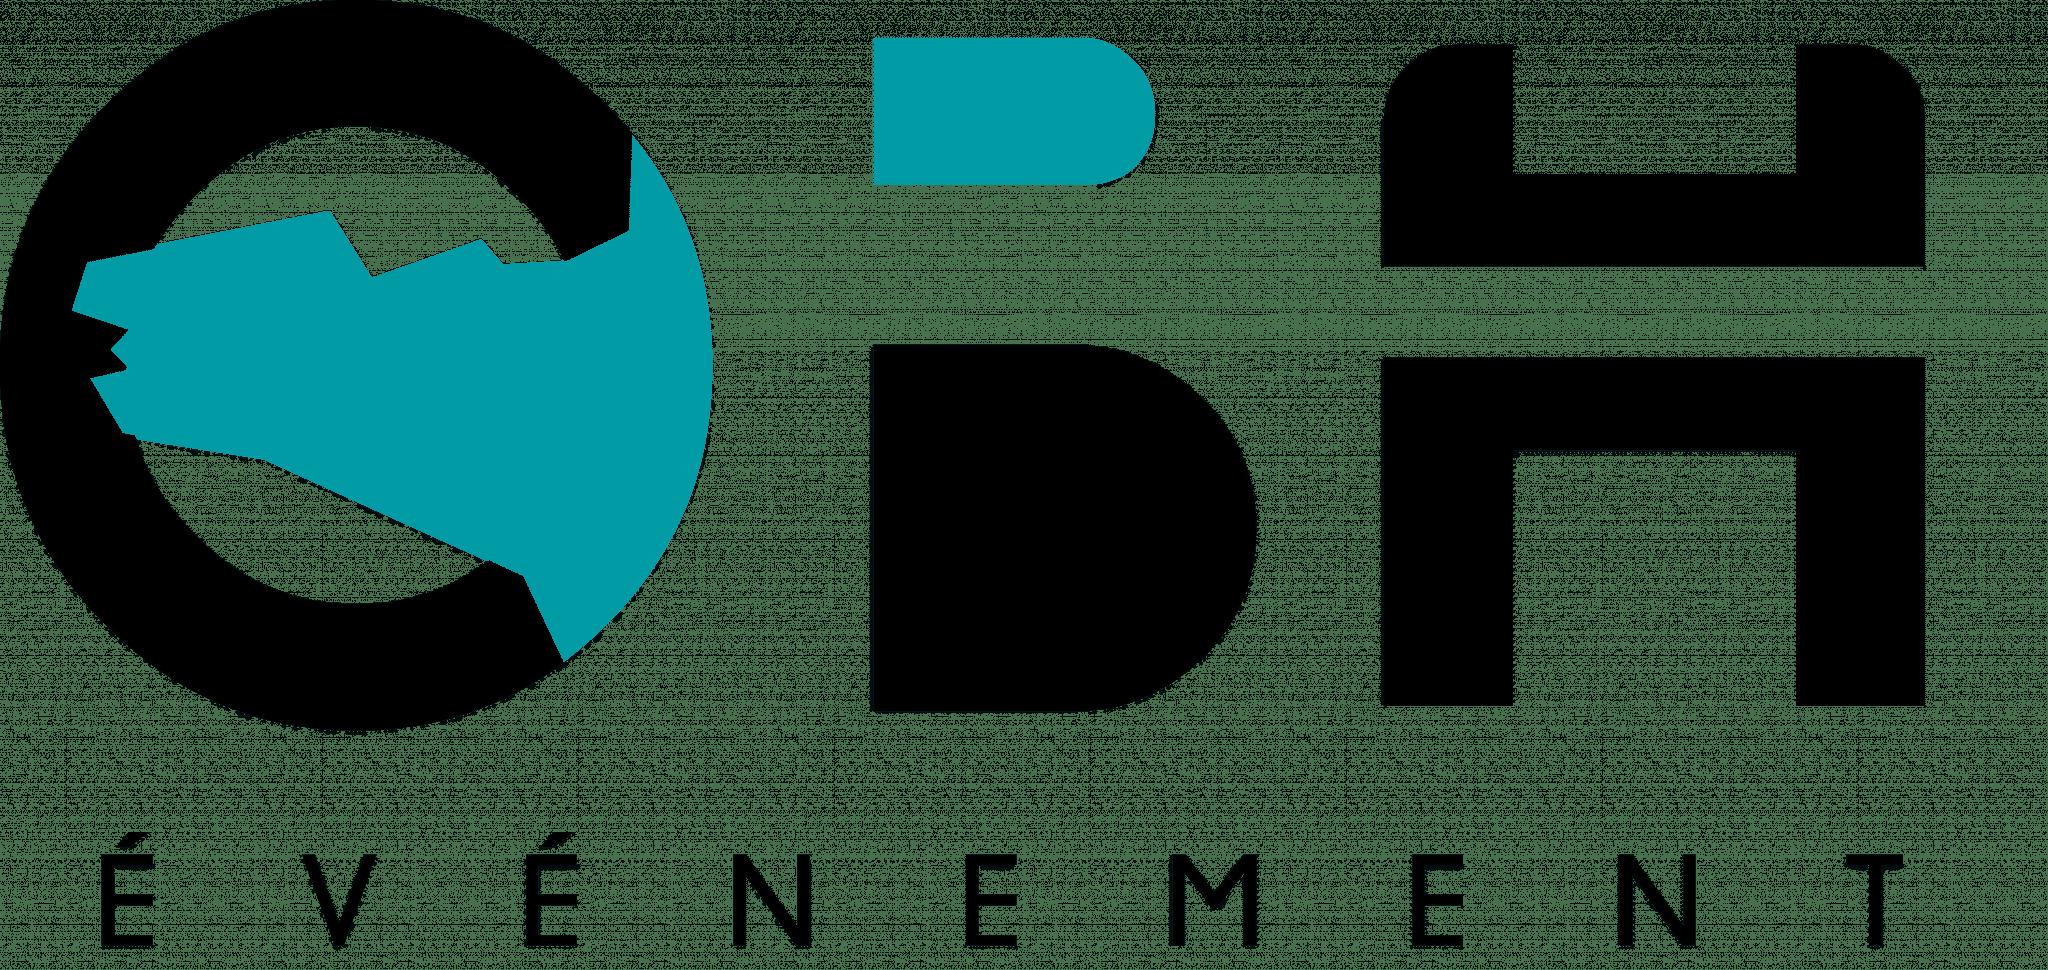 logo obh événement